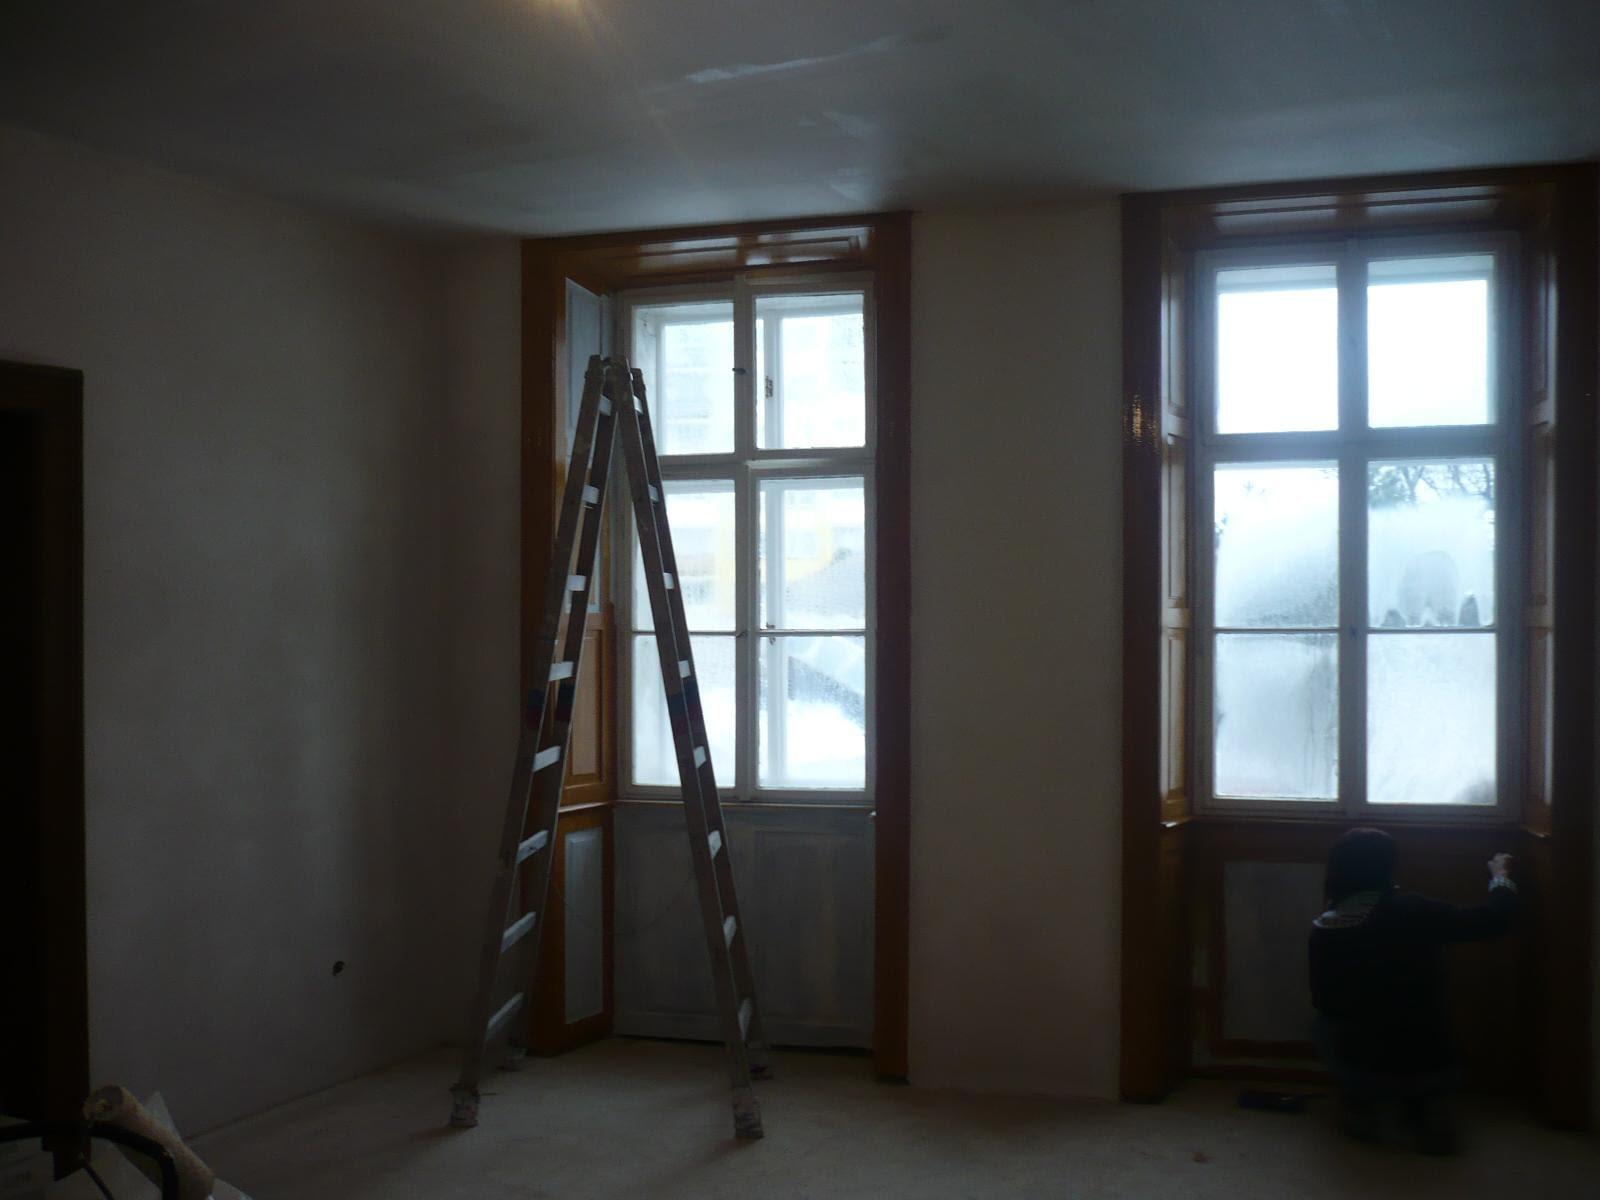 Sanační práce v promáčeném bytě